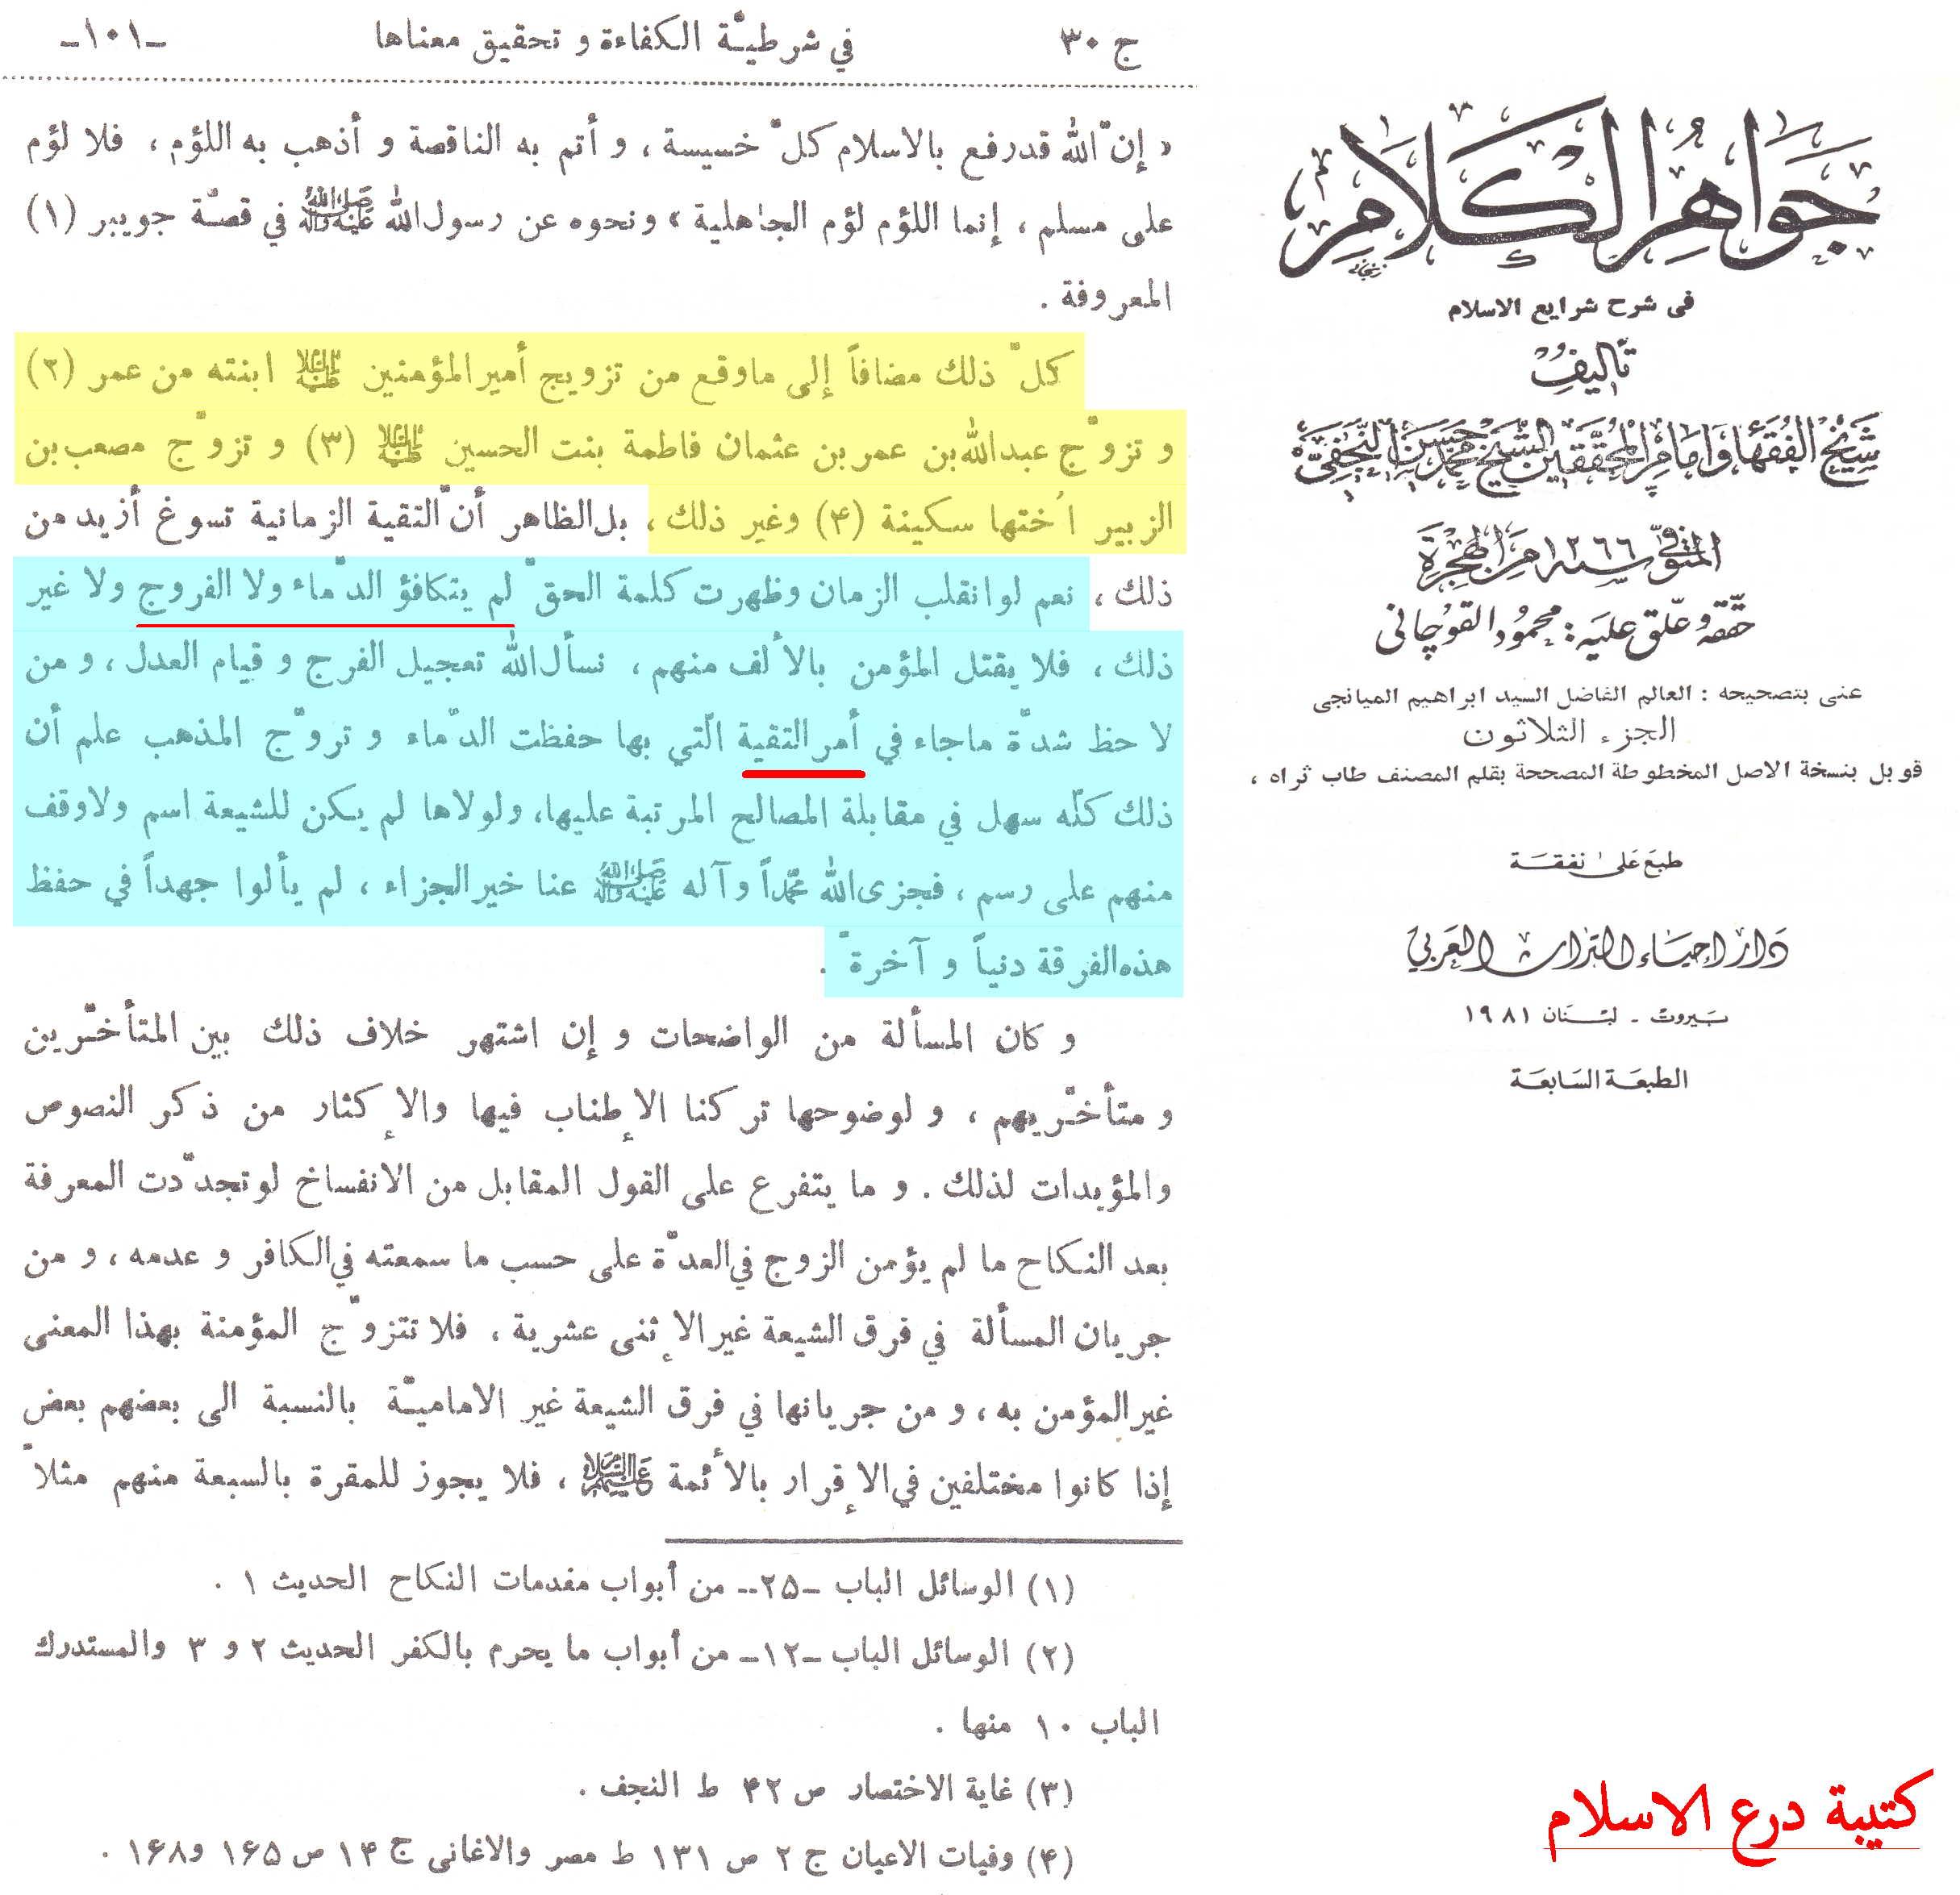 علامة الشيعة محمد النجفي لولا